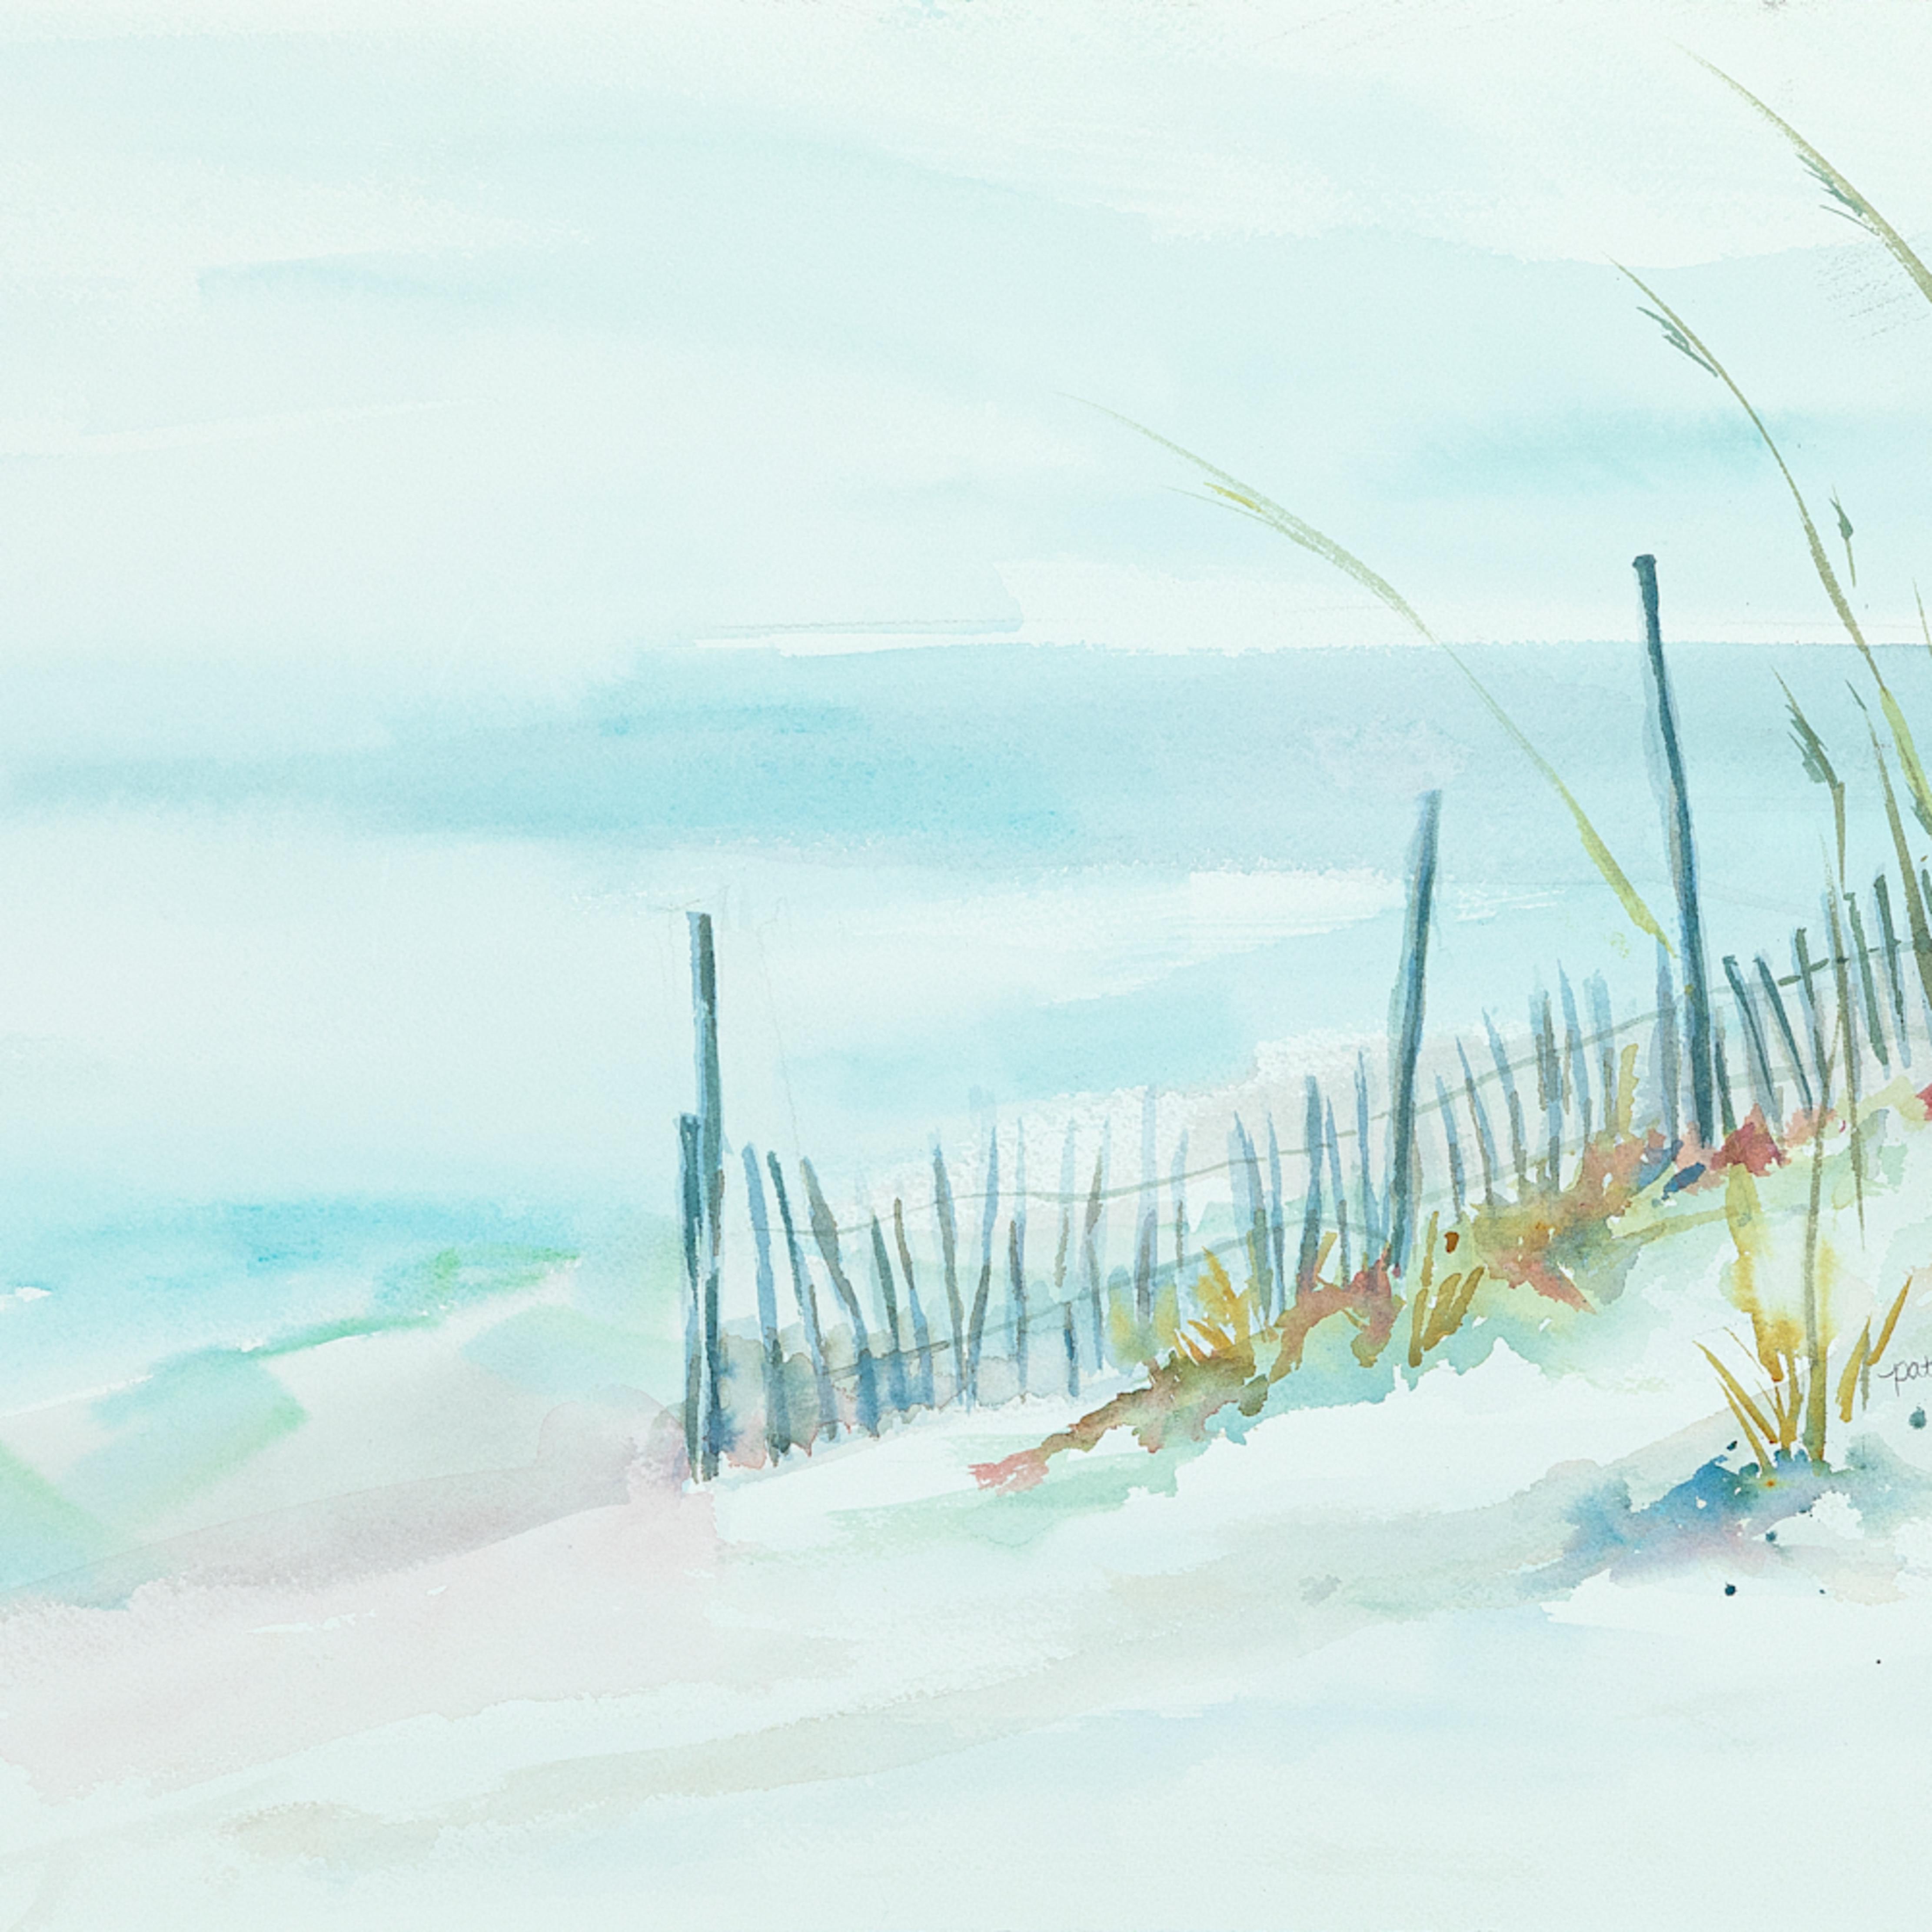 Santa rosa sand dunes dipyxm